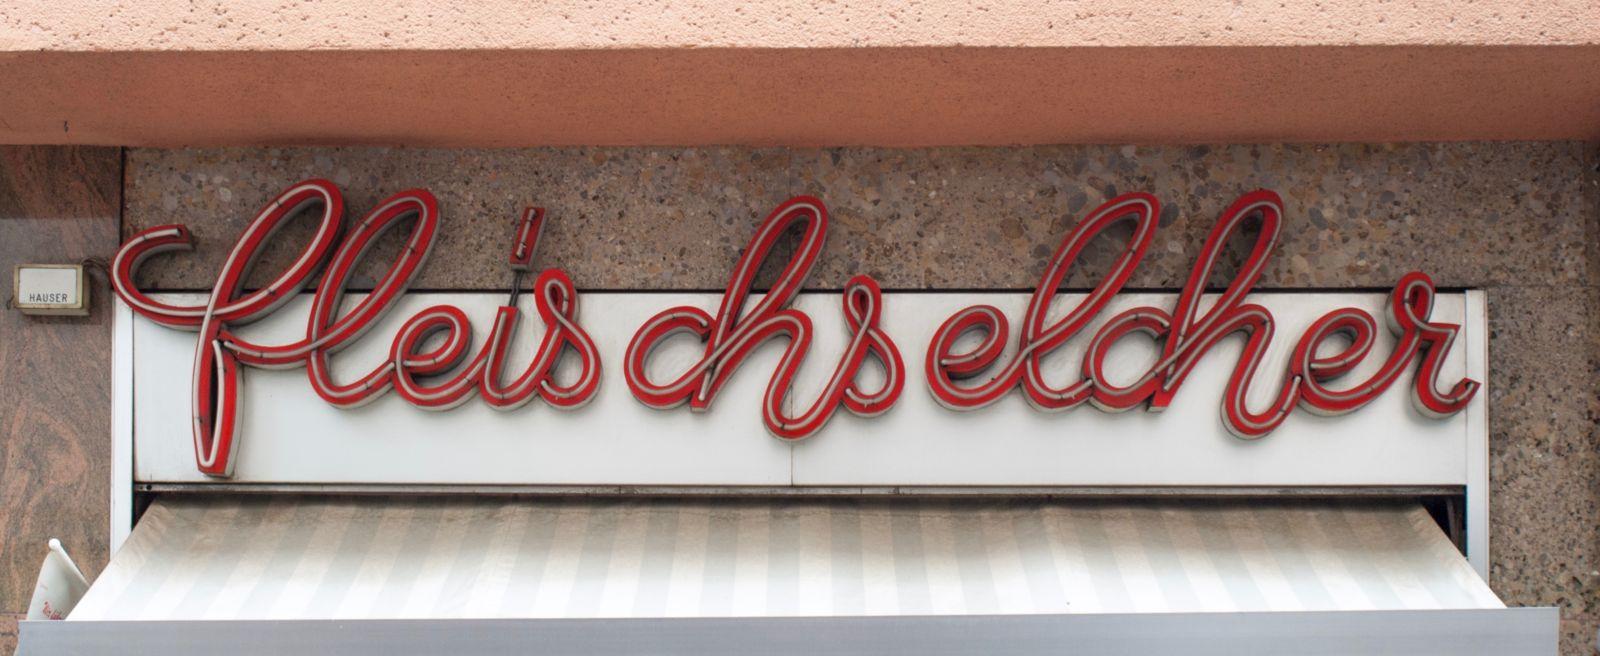 Fleischselcher   butcher